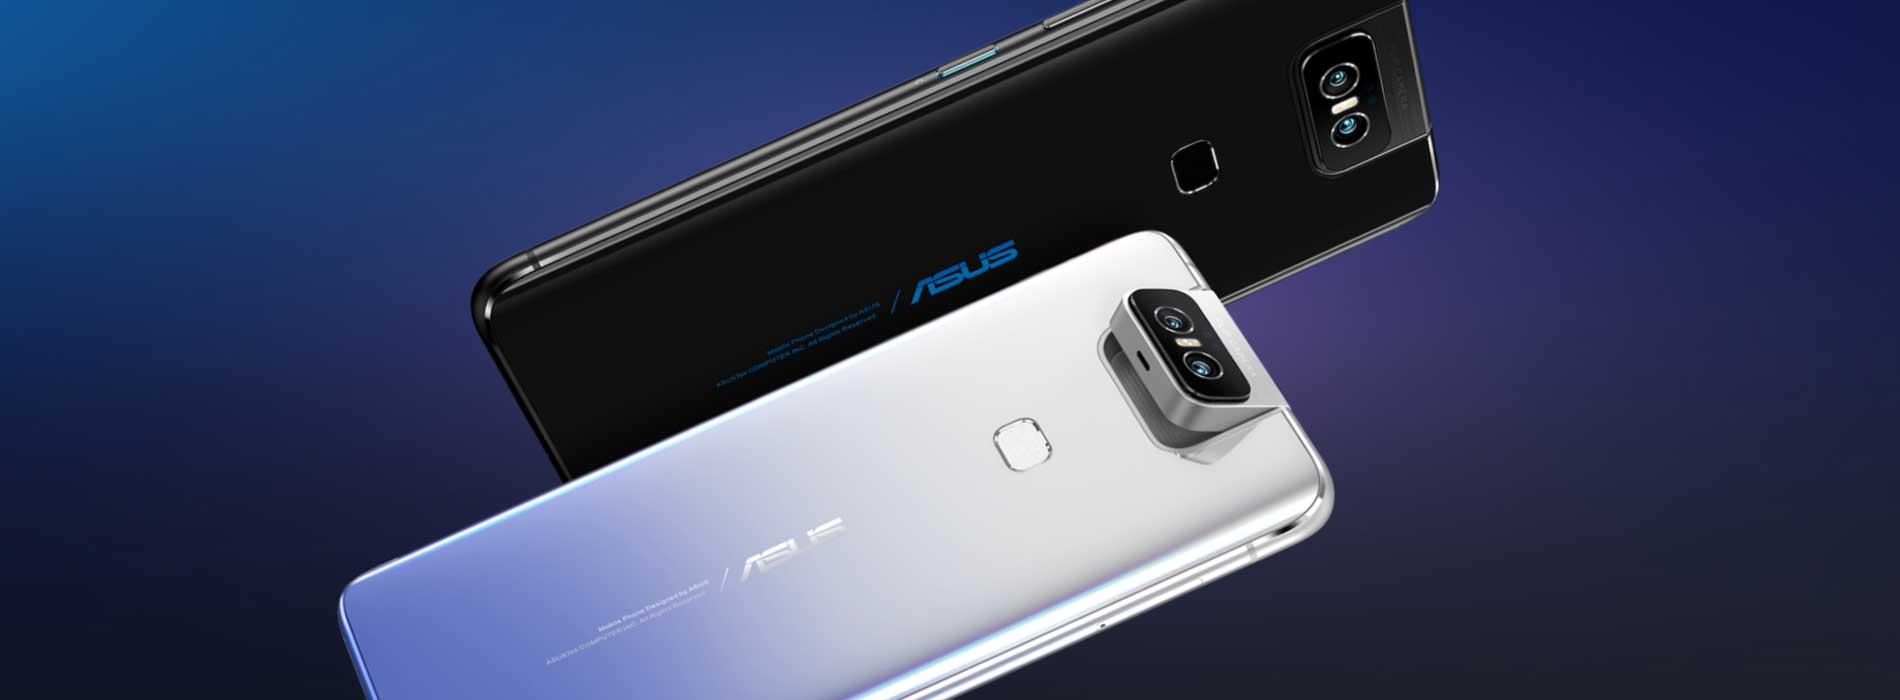 Análise: Asus ZenFone 6 - câmera giratória é um dos melhores e mais criativos designs do ano